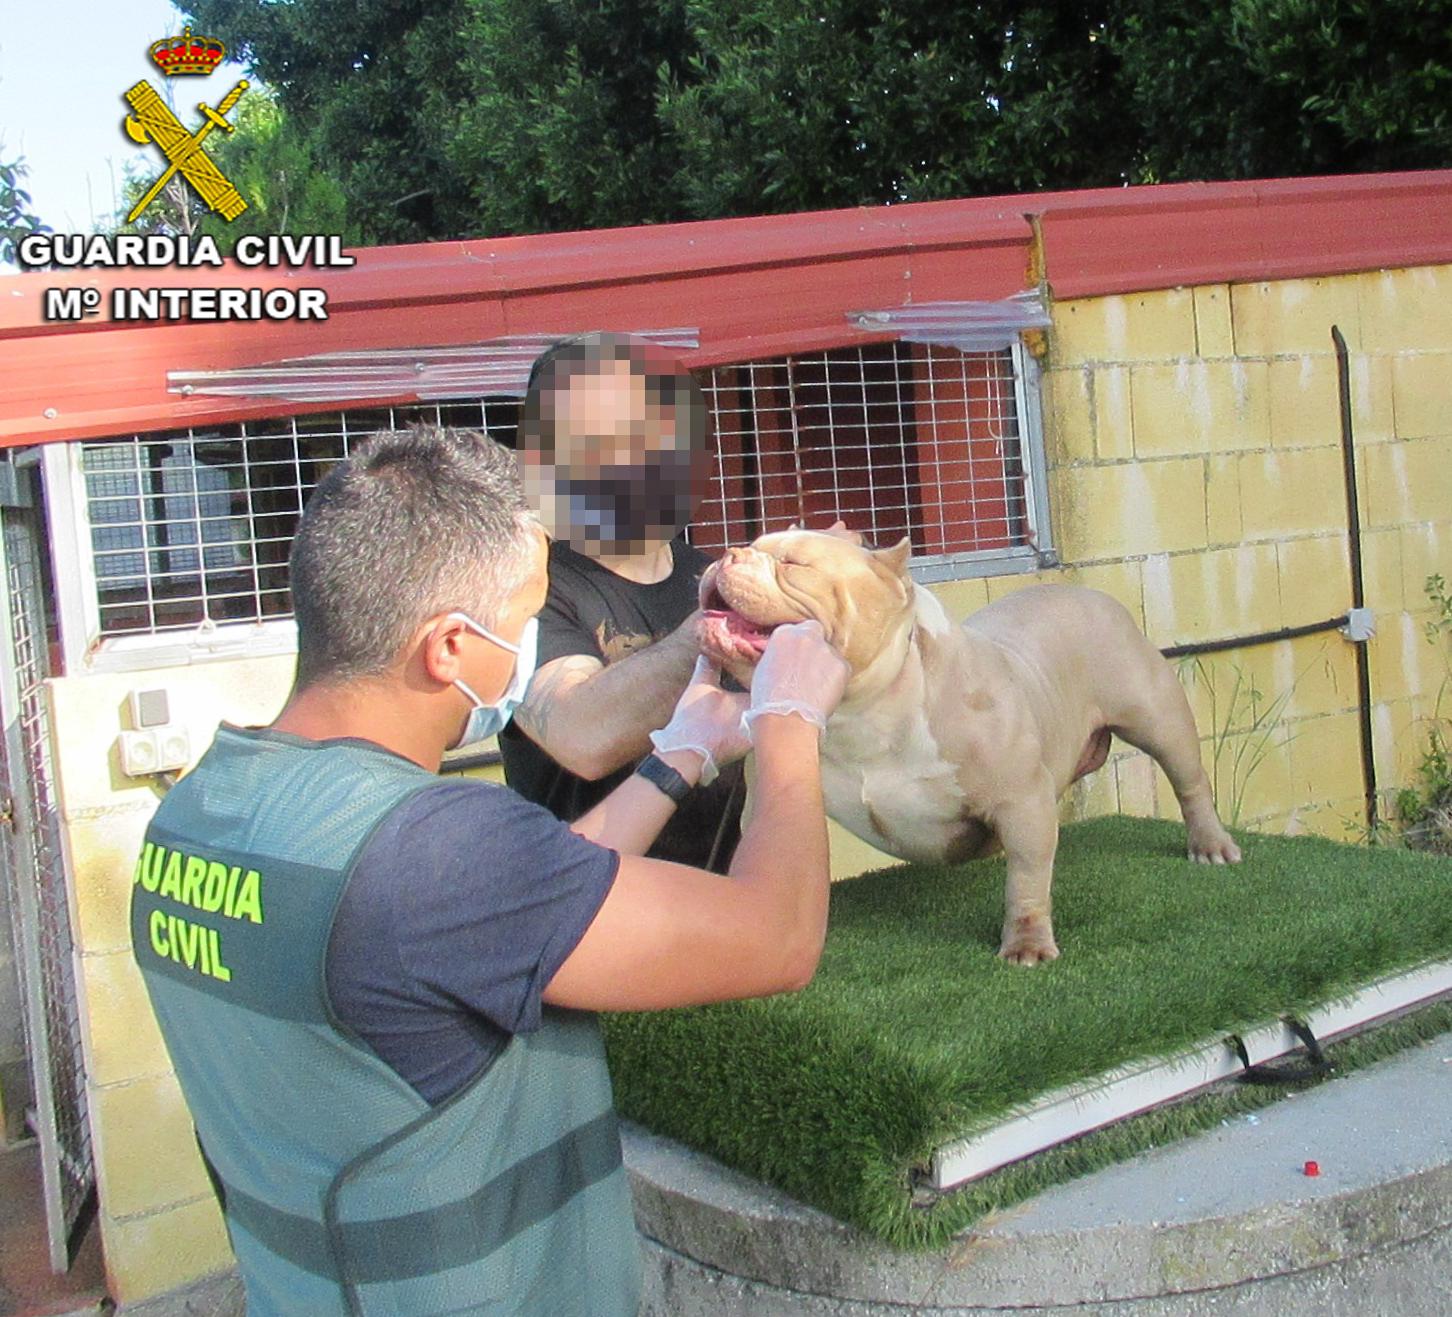 La Guardia Civil recupera en Vigo dos perros robados en Sanxenxo